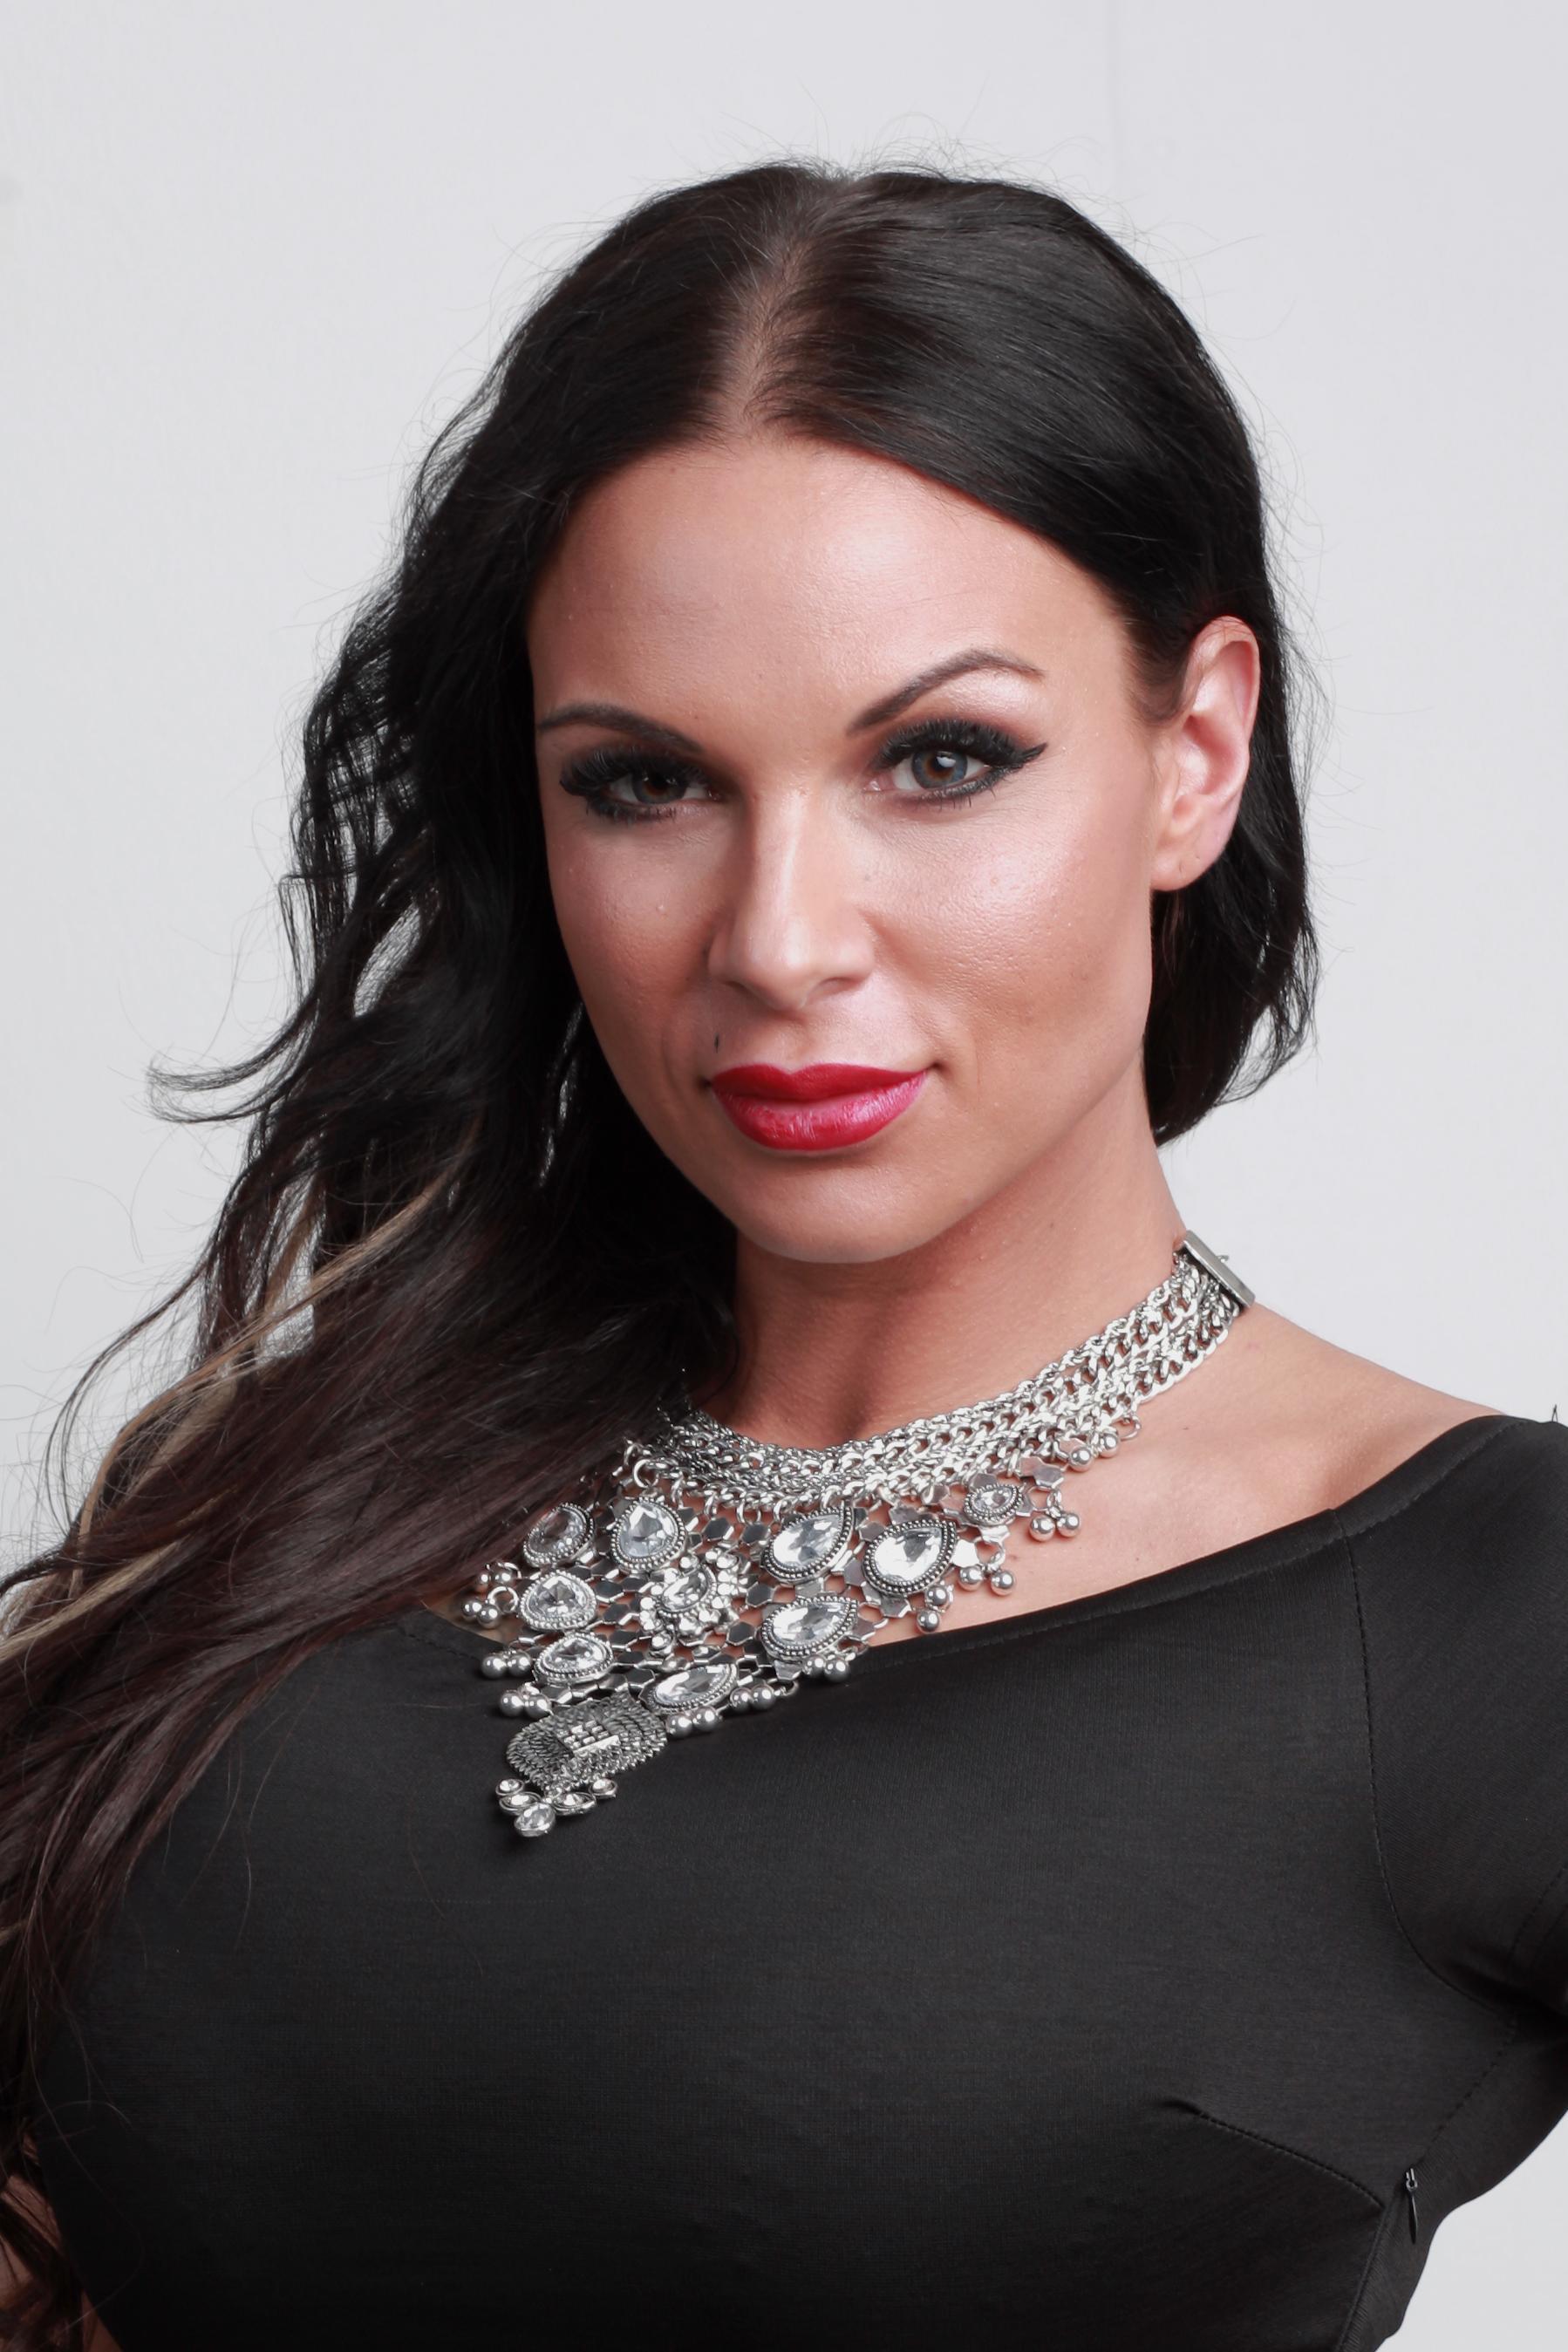 5. Jannina Morkos, 32, Vantaa